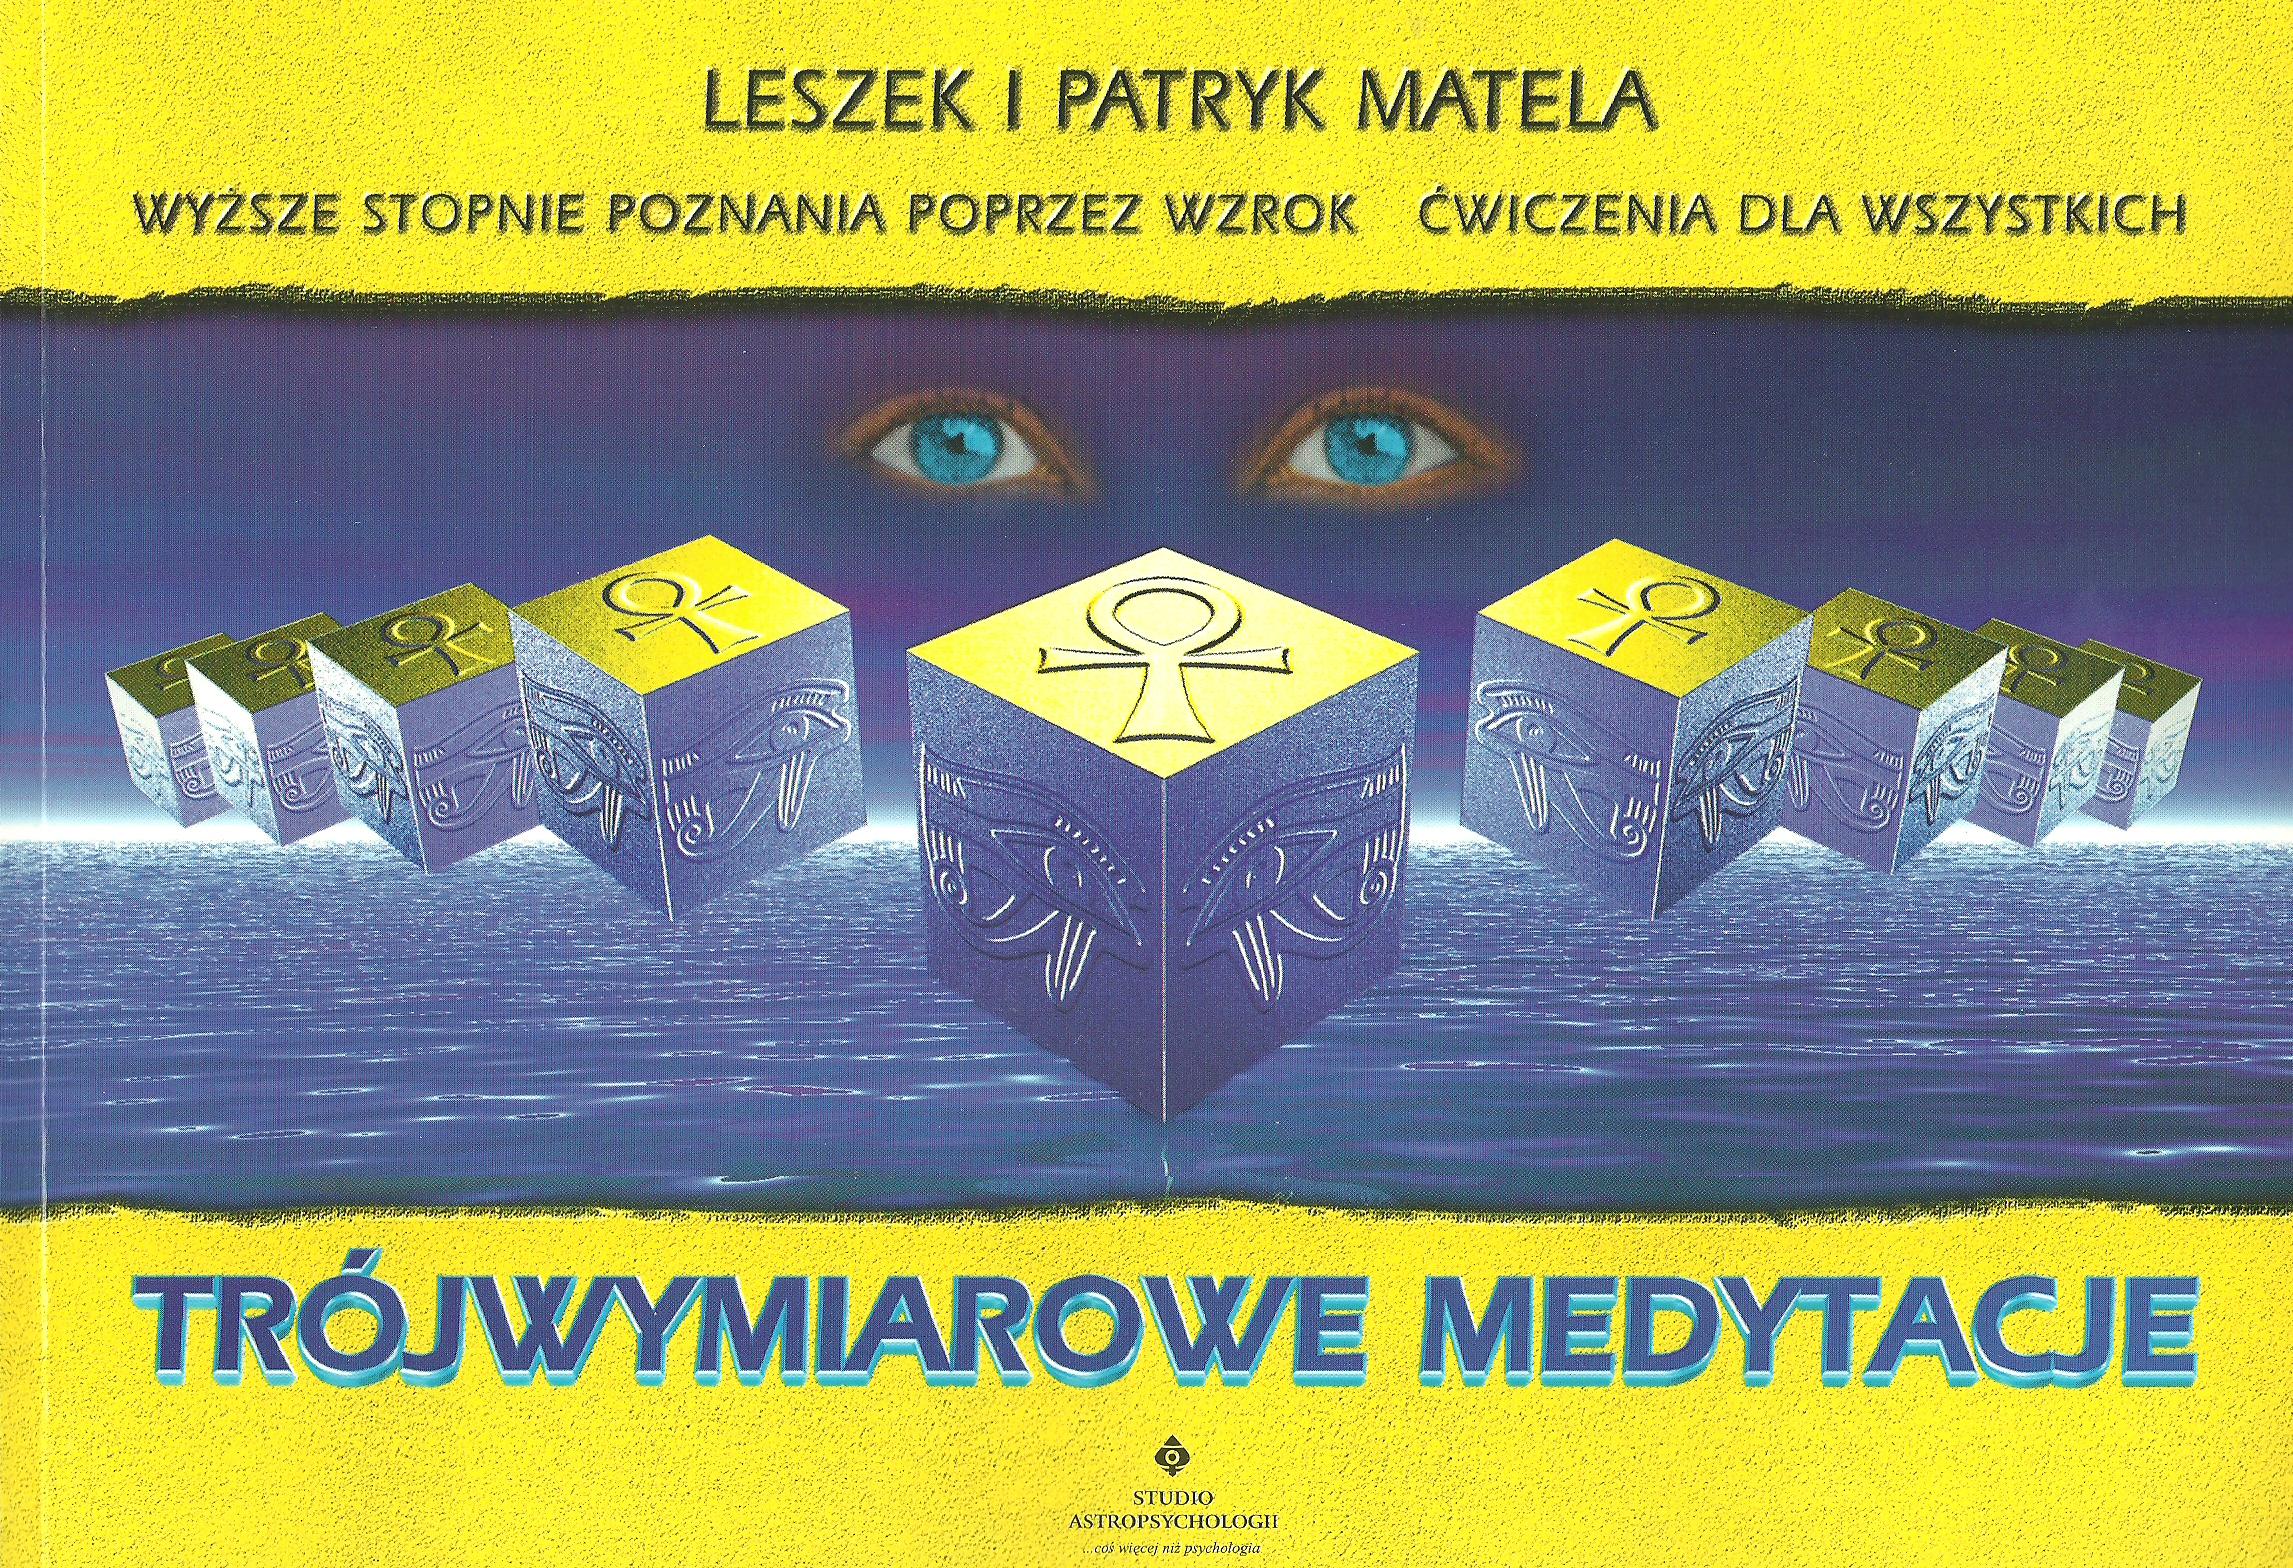 Trójwymiarowe medytacje